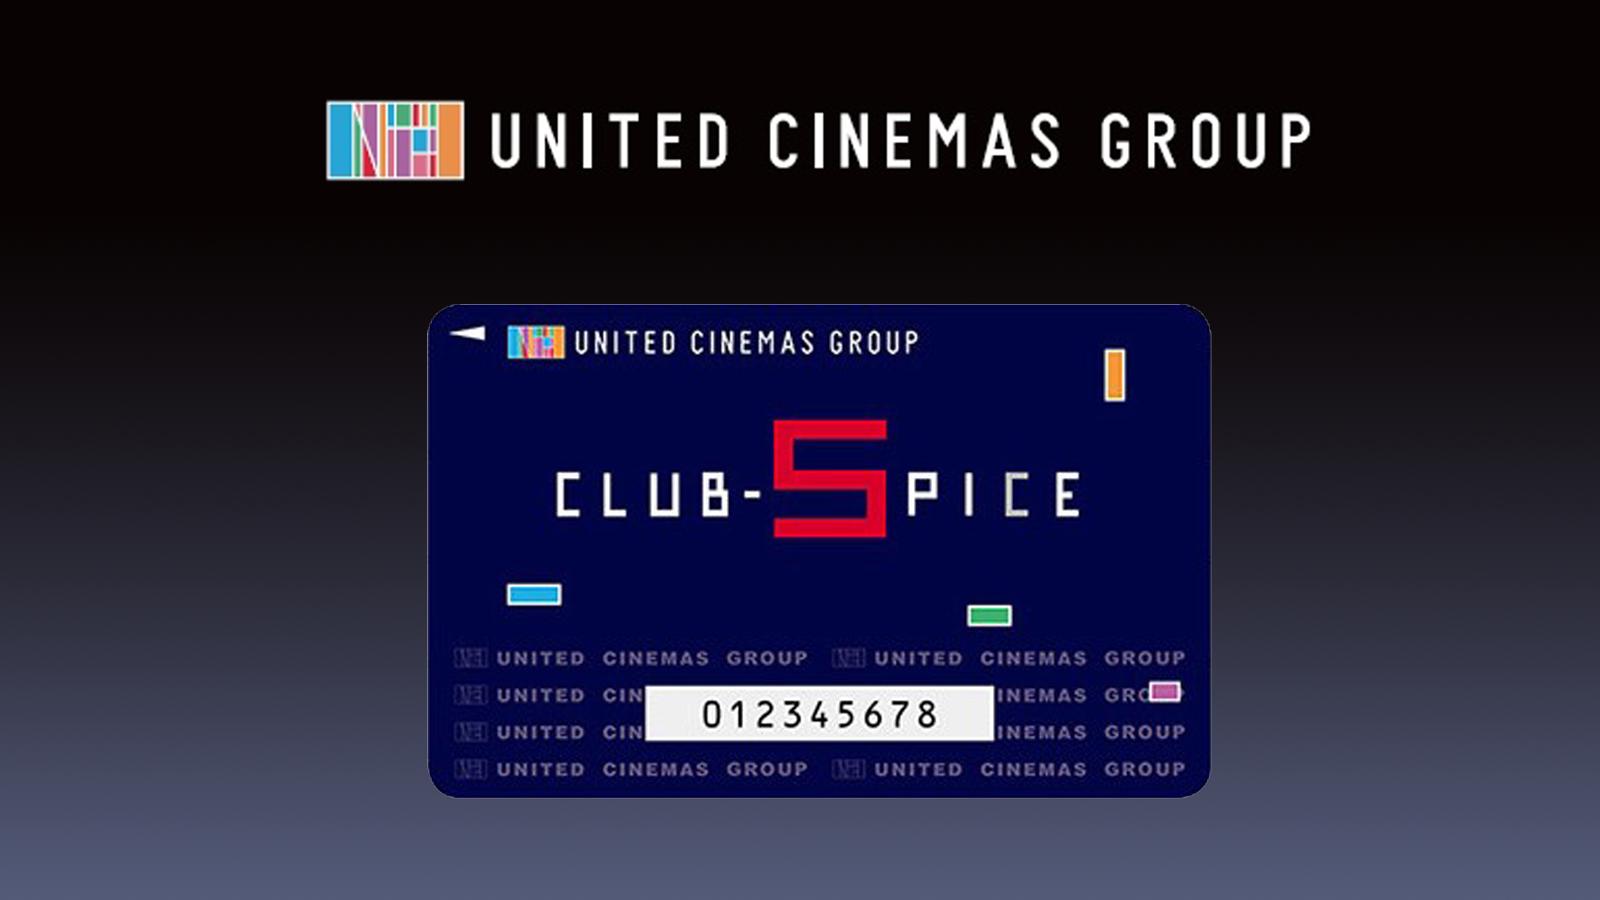 金曜はユナイテッドシネマの日!会員なら毎週1000円でお得に観れる!&劇場一覧をマイマップで見てみよう